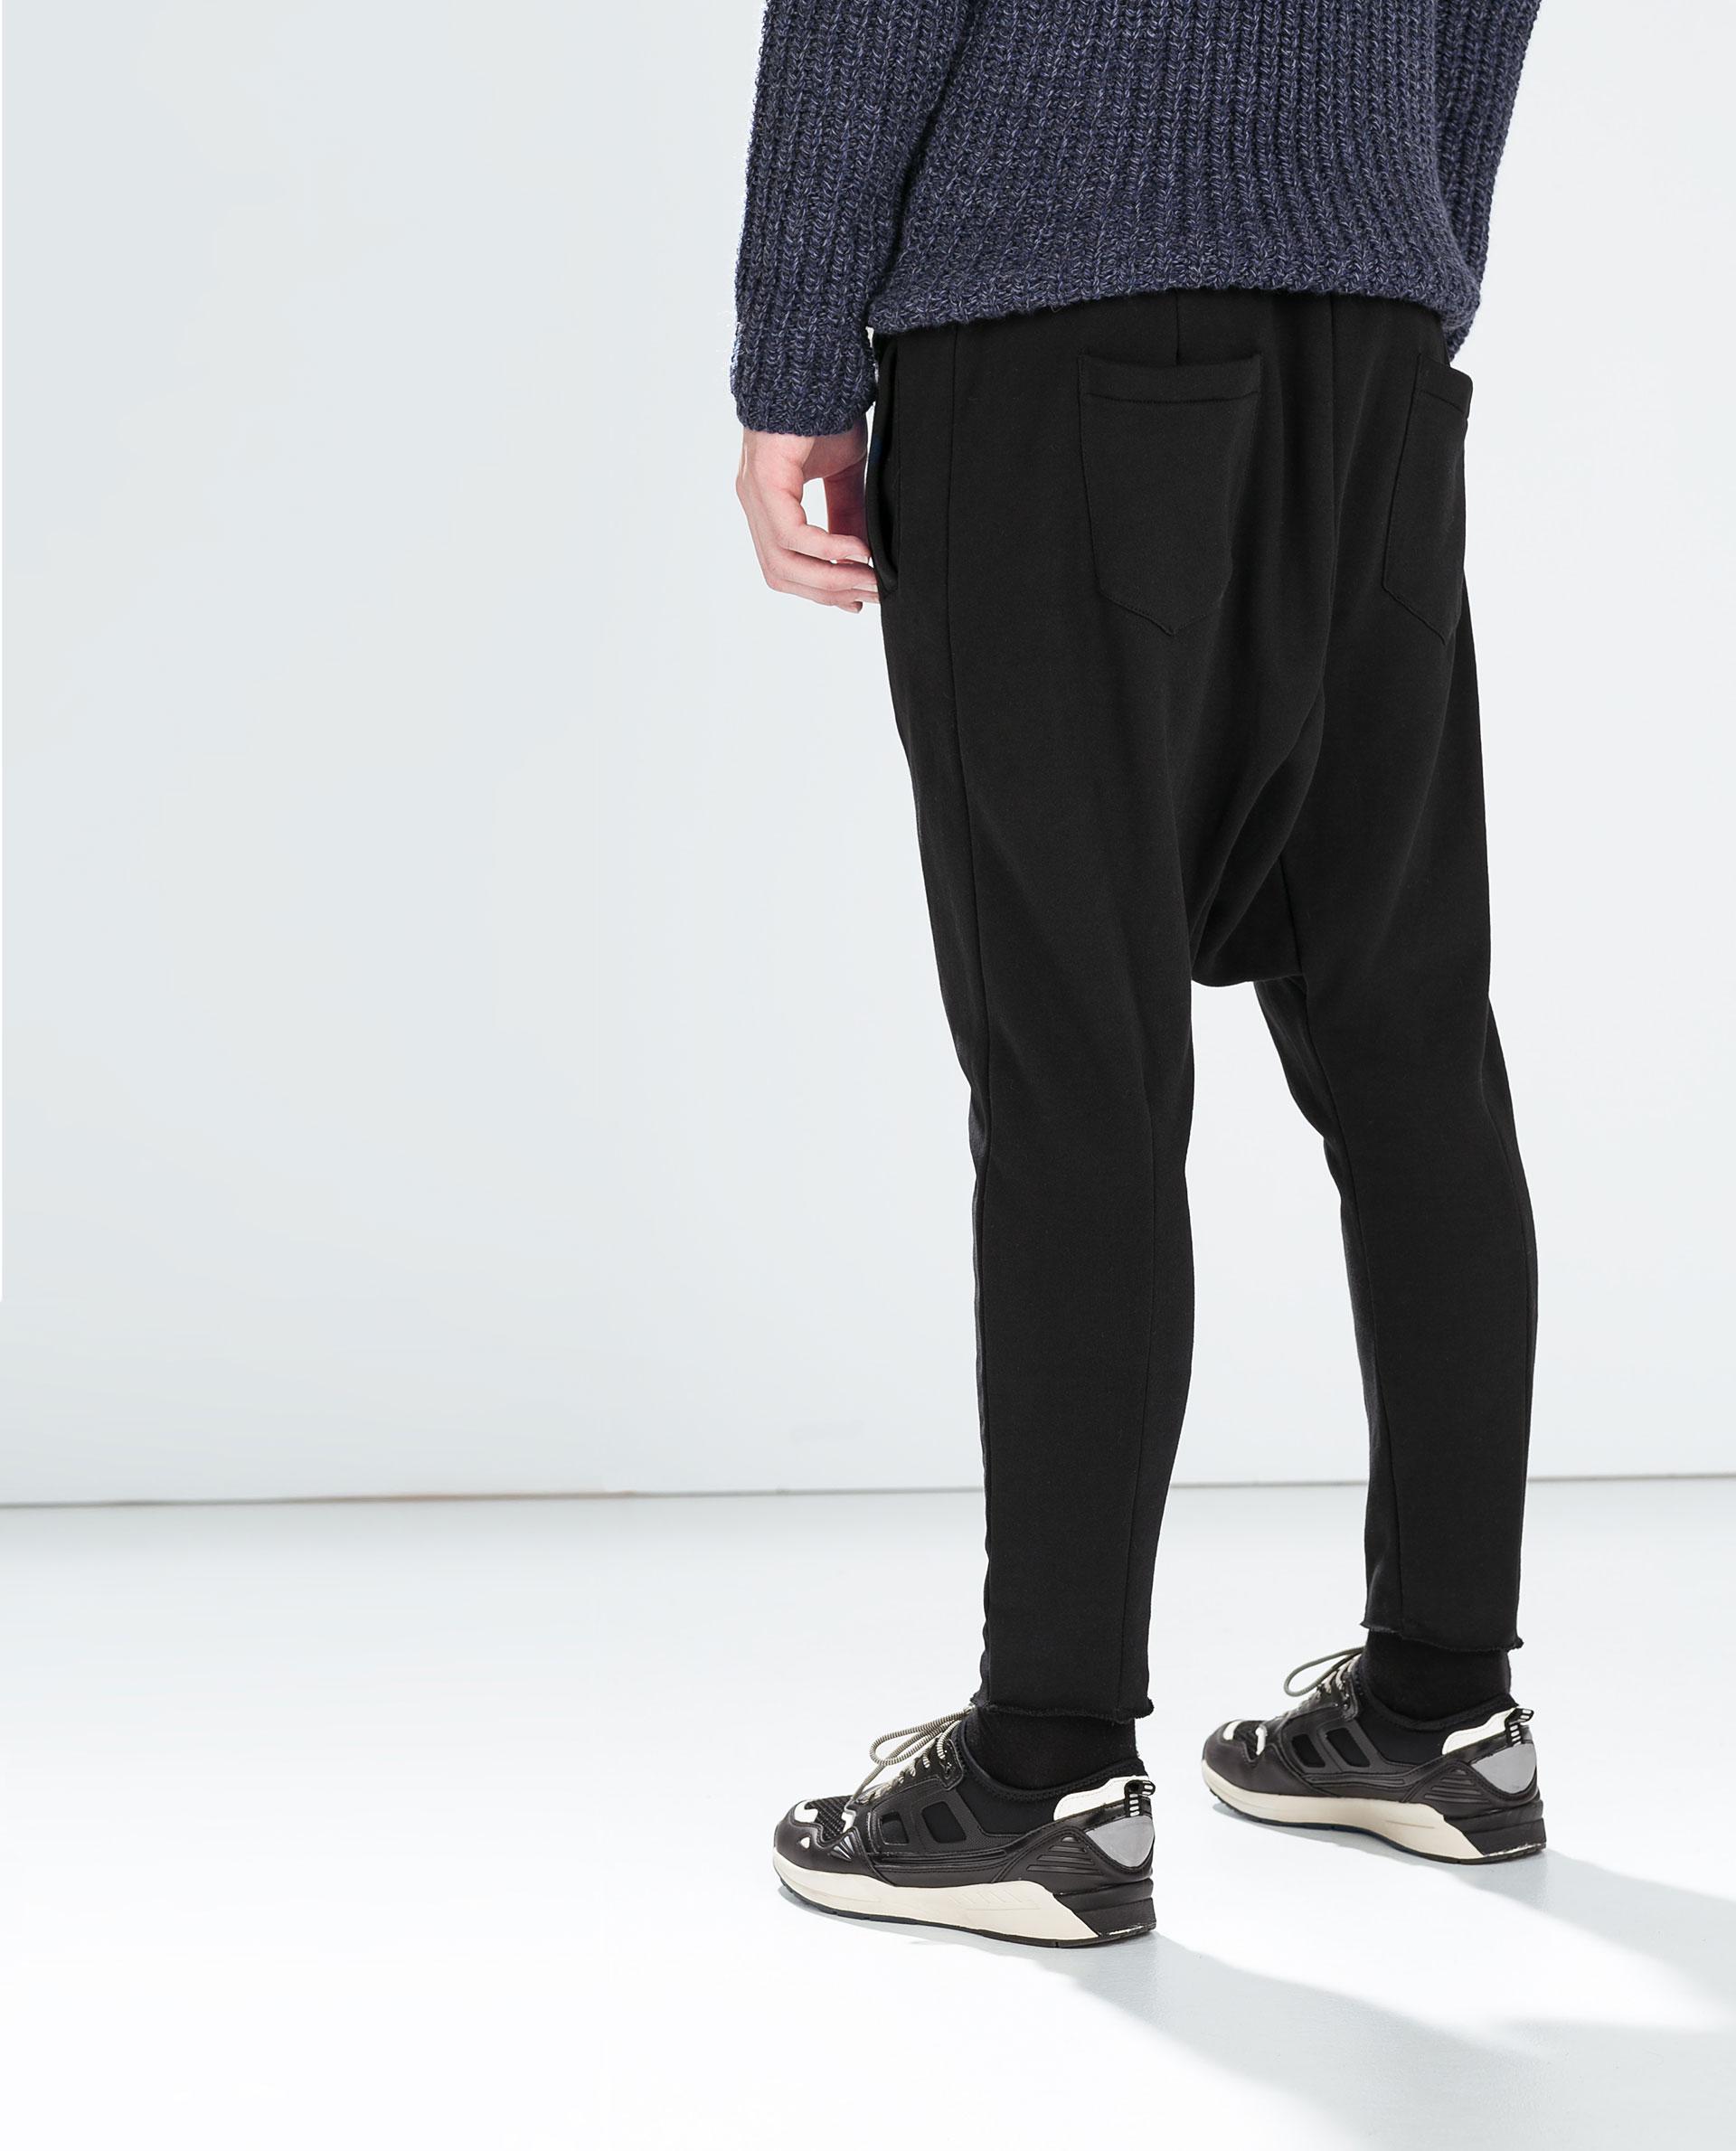 Pantalones baggy y zapatillas skaters negras